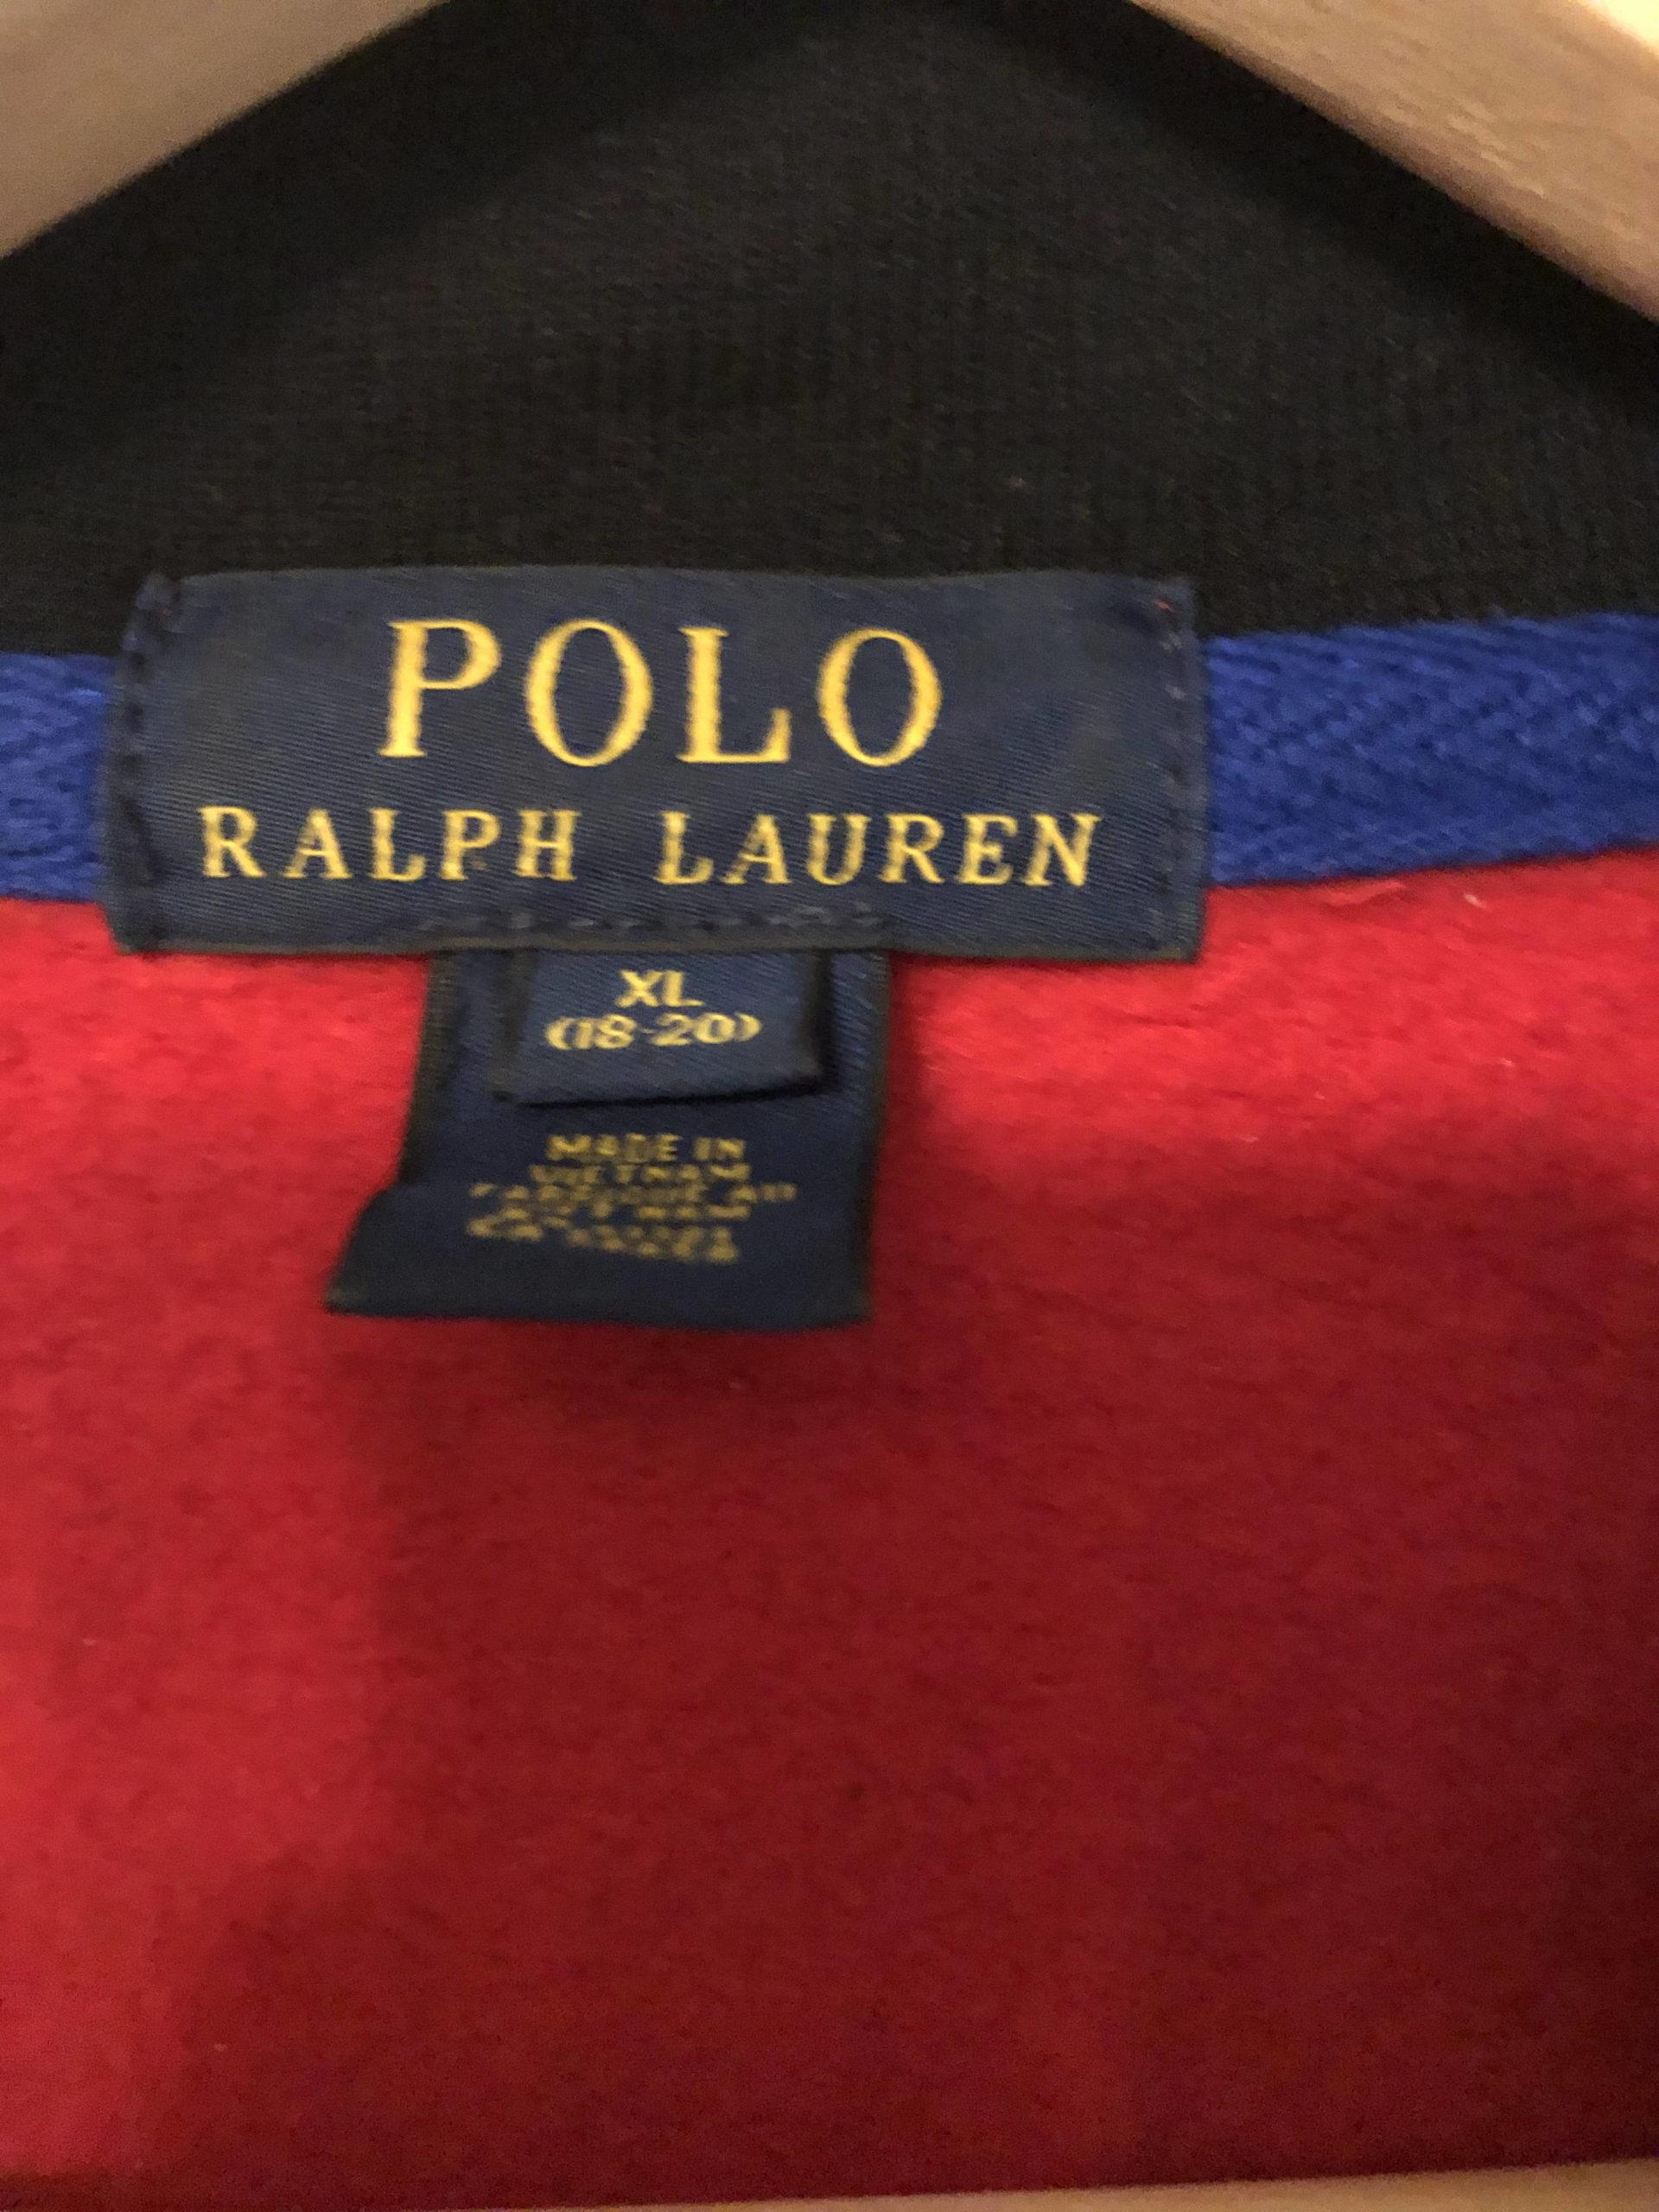 Polo Ralph Lauren – Jacket